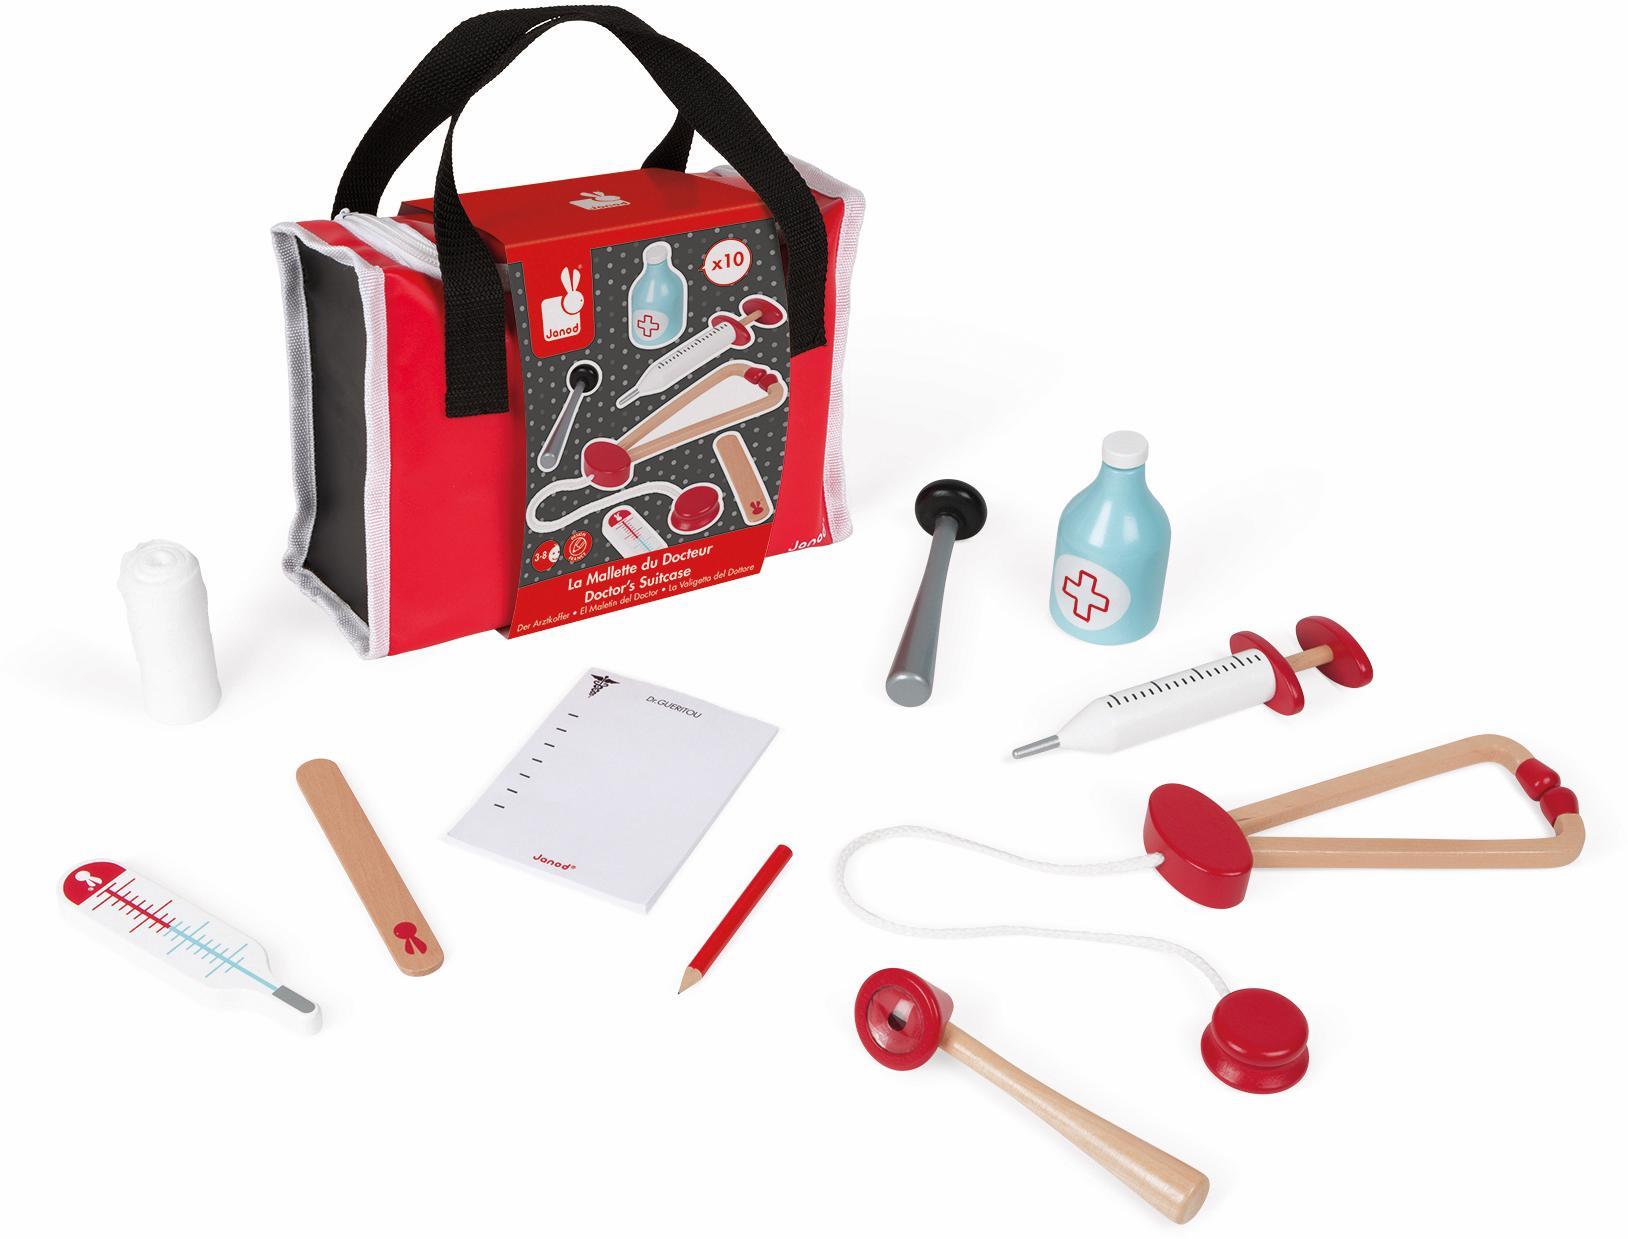 janod rollenspielzeug doktortasche auf rechnung. Black Bedroom Furniture Sets. Home Design Ideas